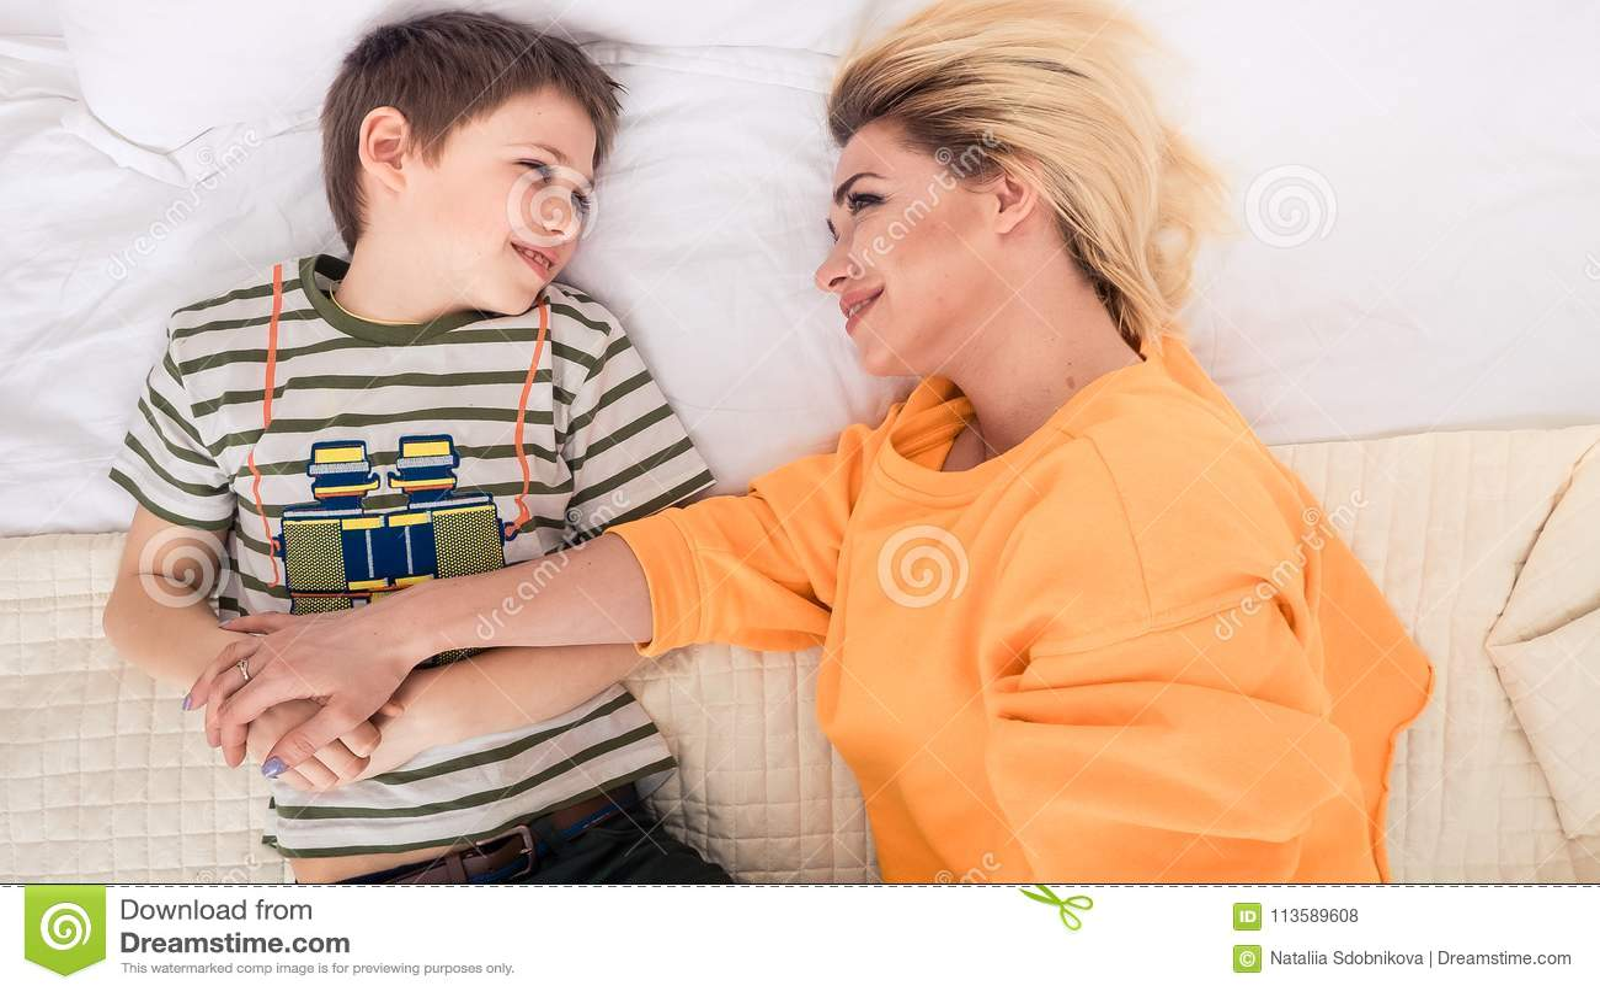 Секс сын трахает мать на диване, Порно русских мамочек, сын трахает маму 19 фотография